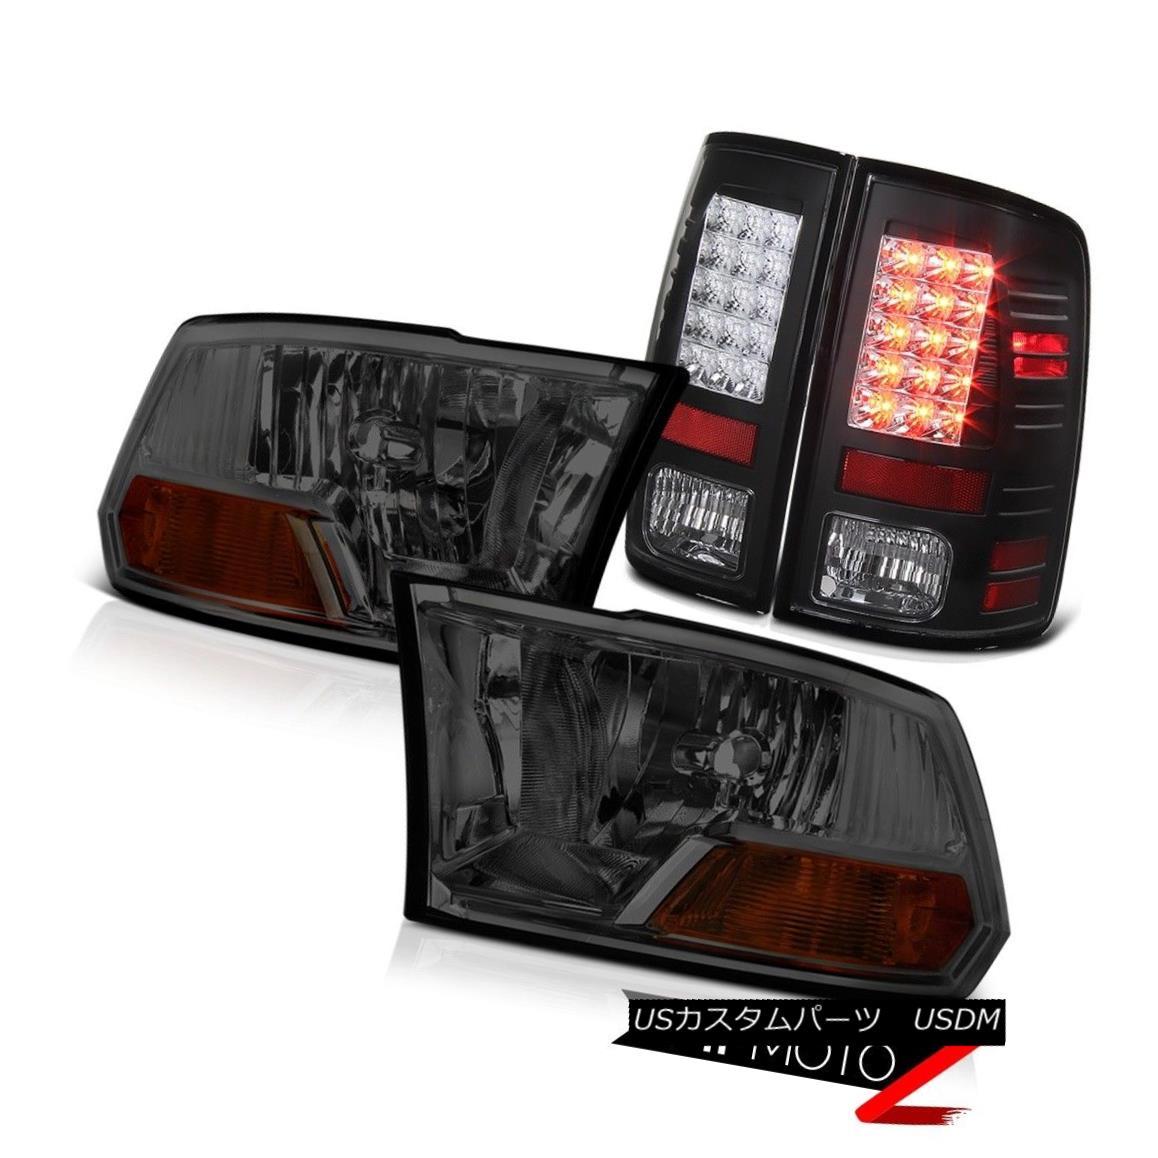 テールライト 09-18 Dodge Ram 1500 Smoke Headlight Black LED Tail Lights 10 17 17 17 Ram 2500 09-18ダッジ・ラム1500スモーク・ヘッドライトブラックLEDテール・ライト10 17 17 17 Ram 2500